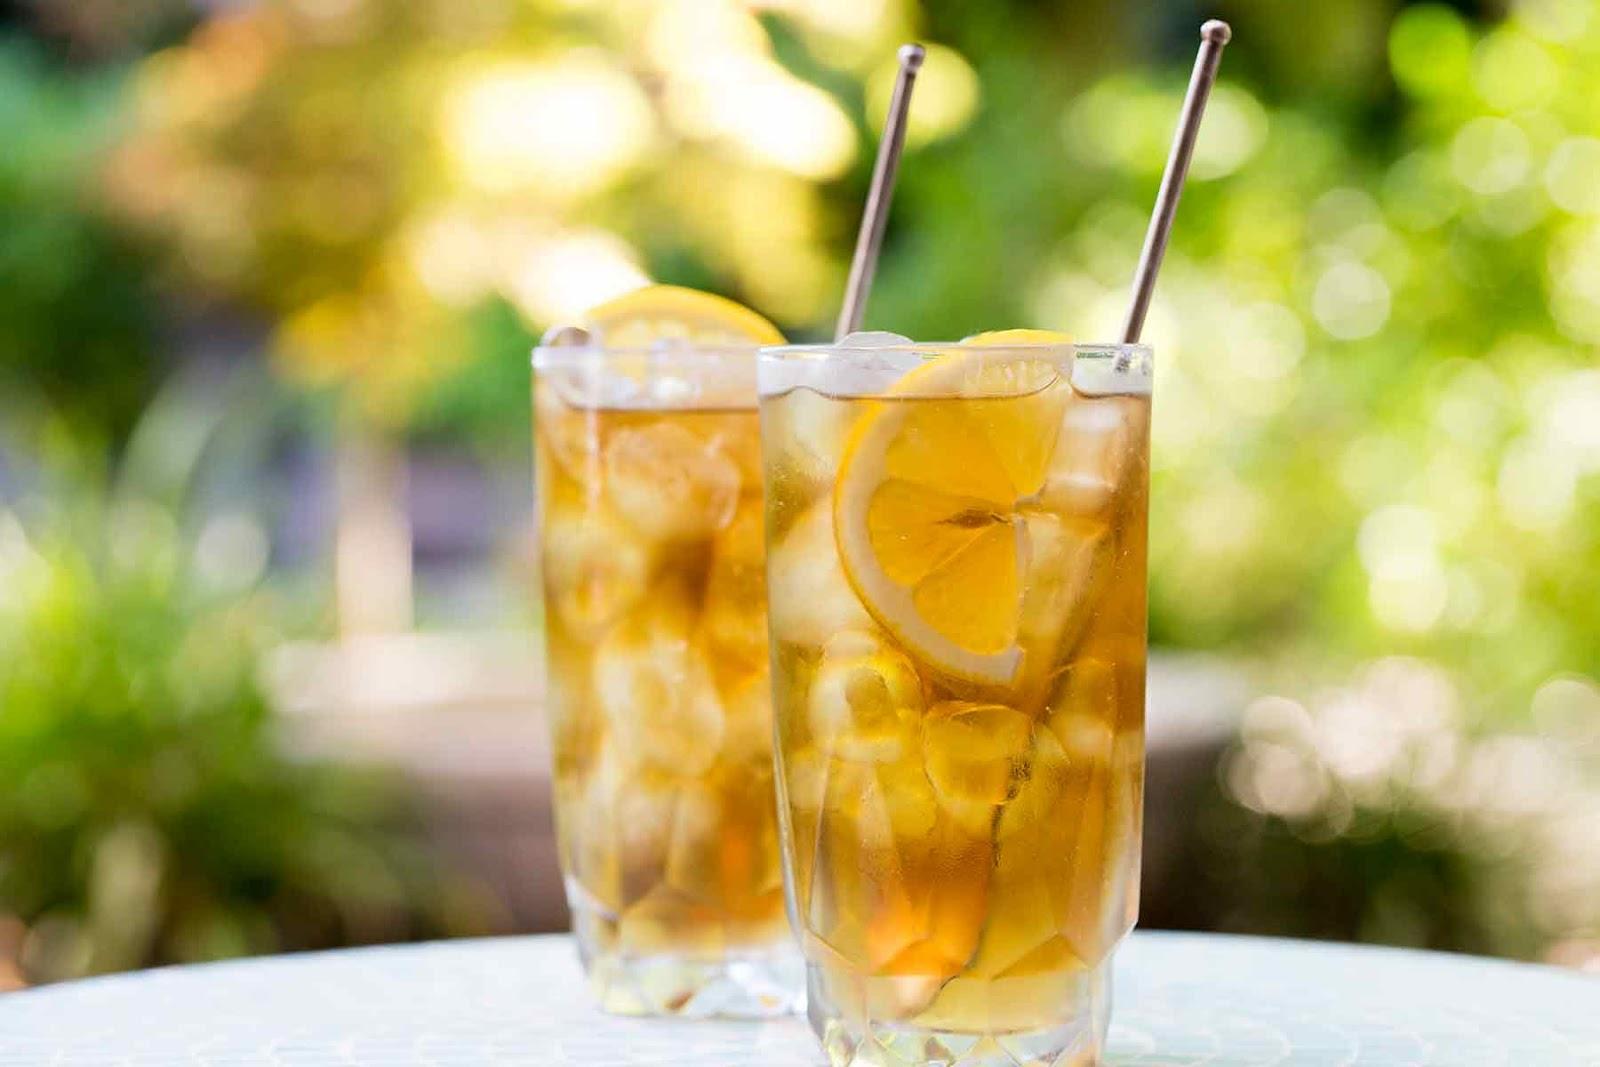 long-island-ice-tea-horiz-a-1800